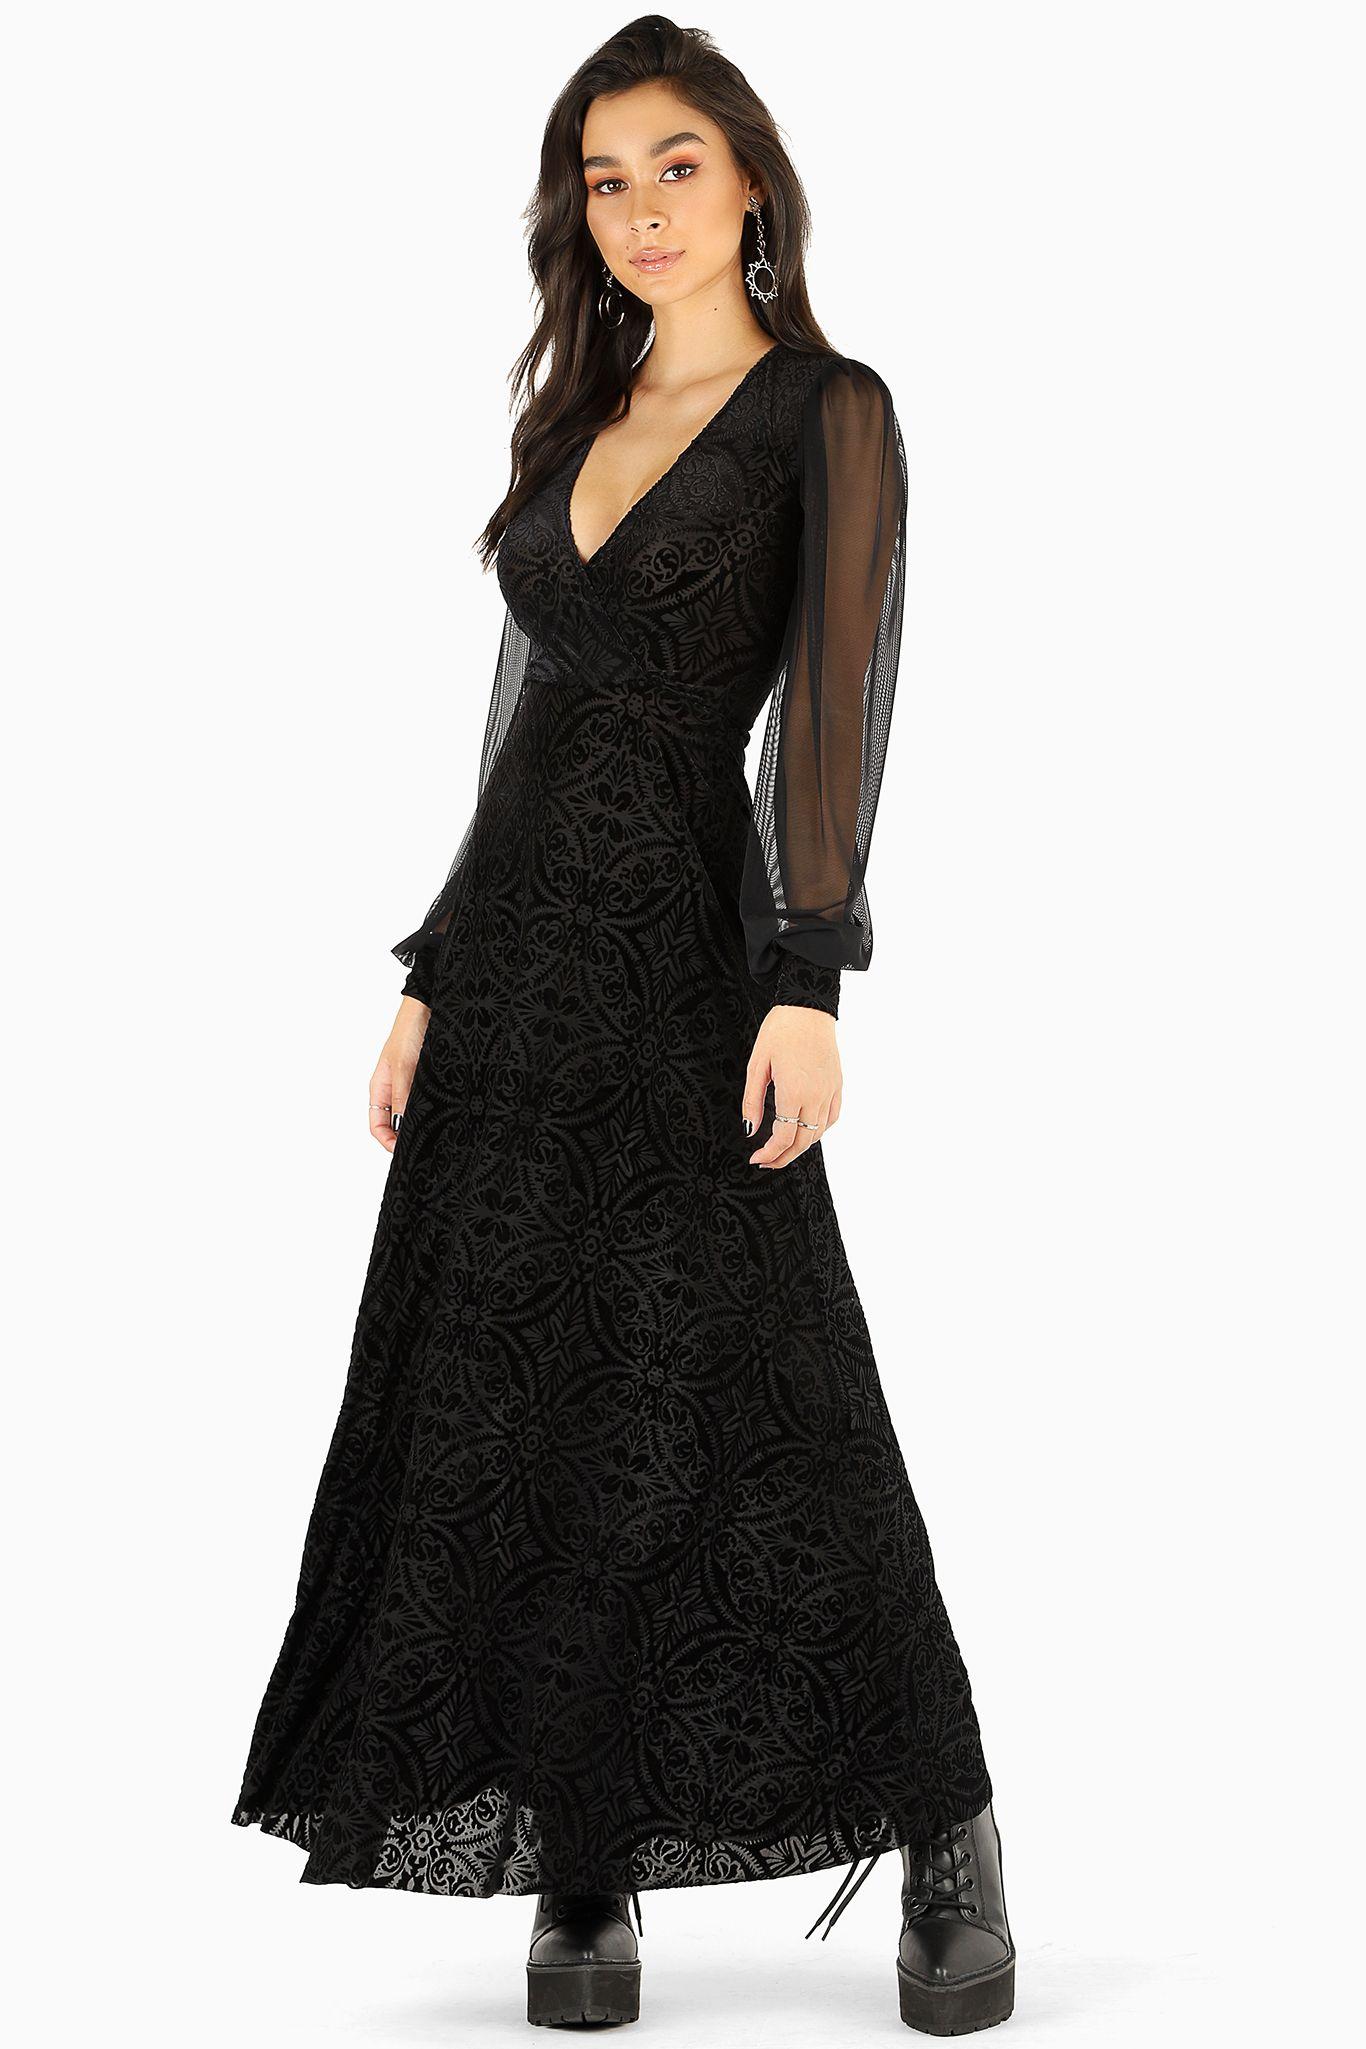 Burned velvet black sheer romance maxi dress bm limited